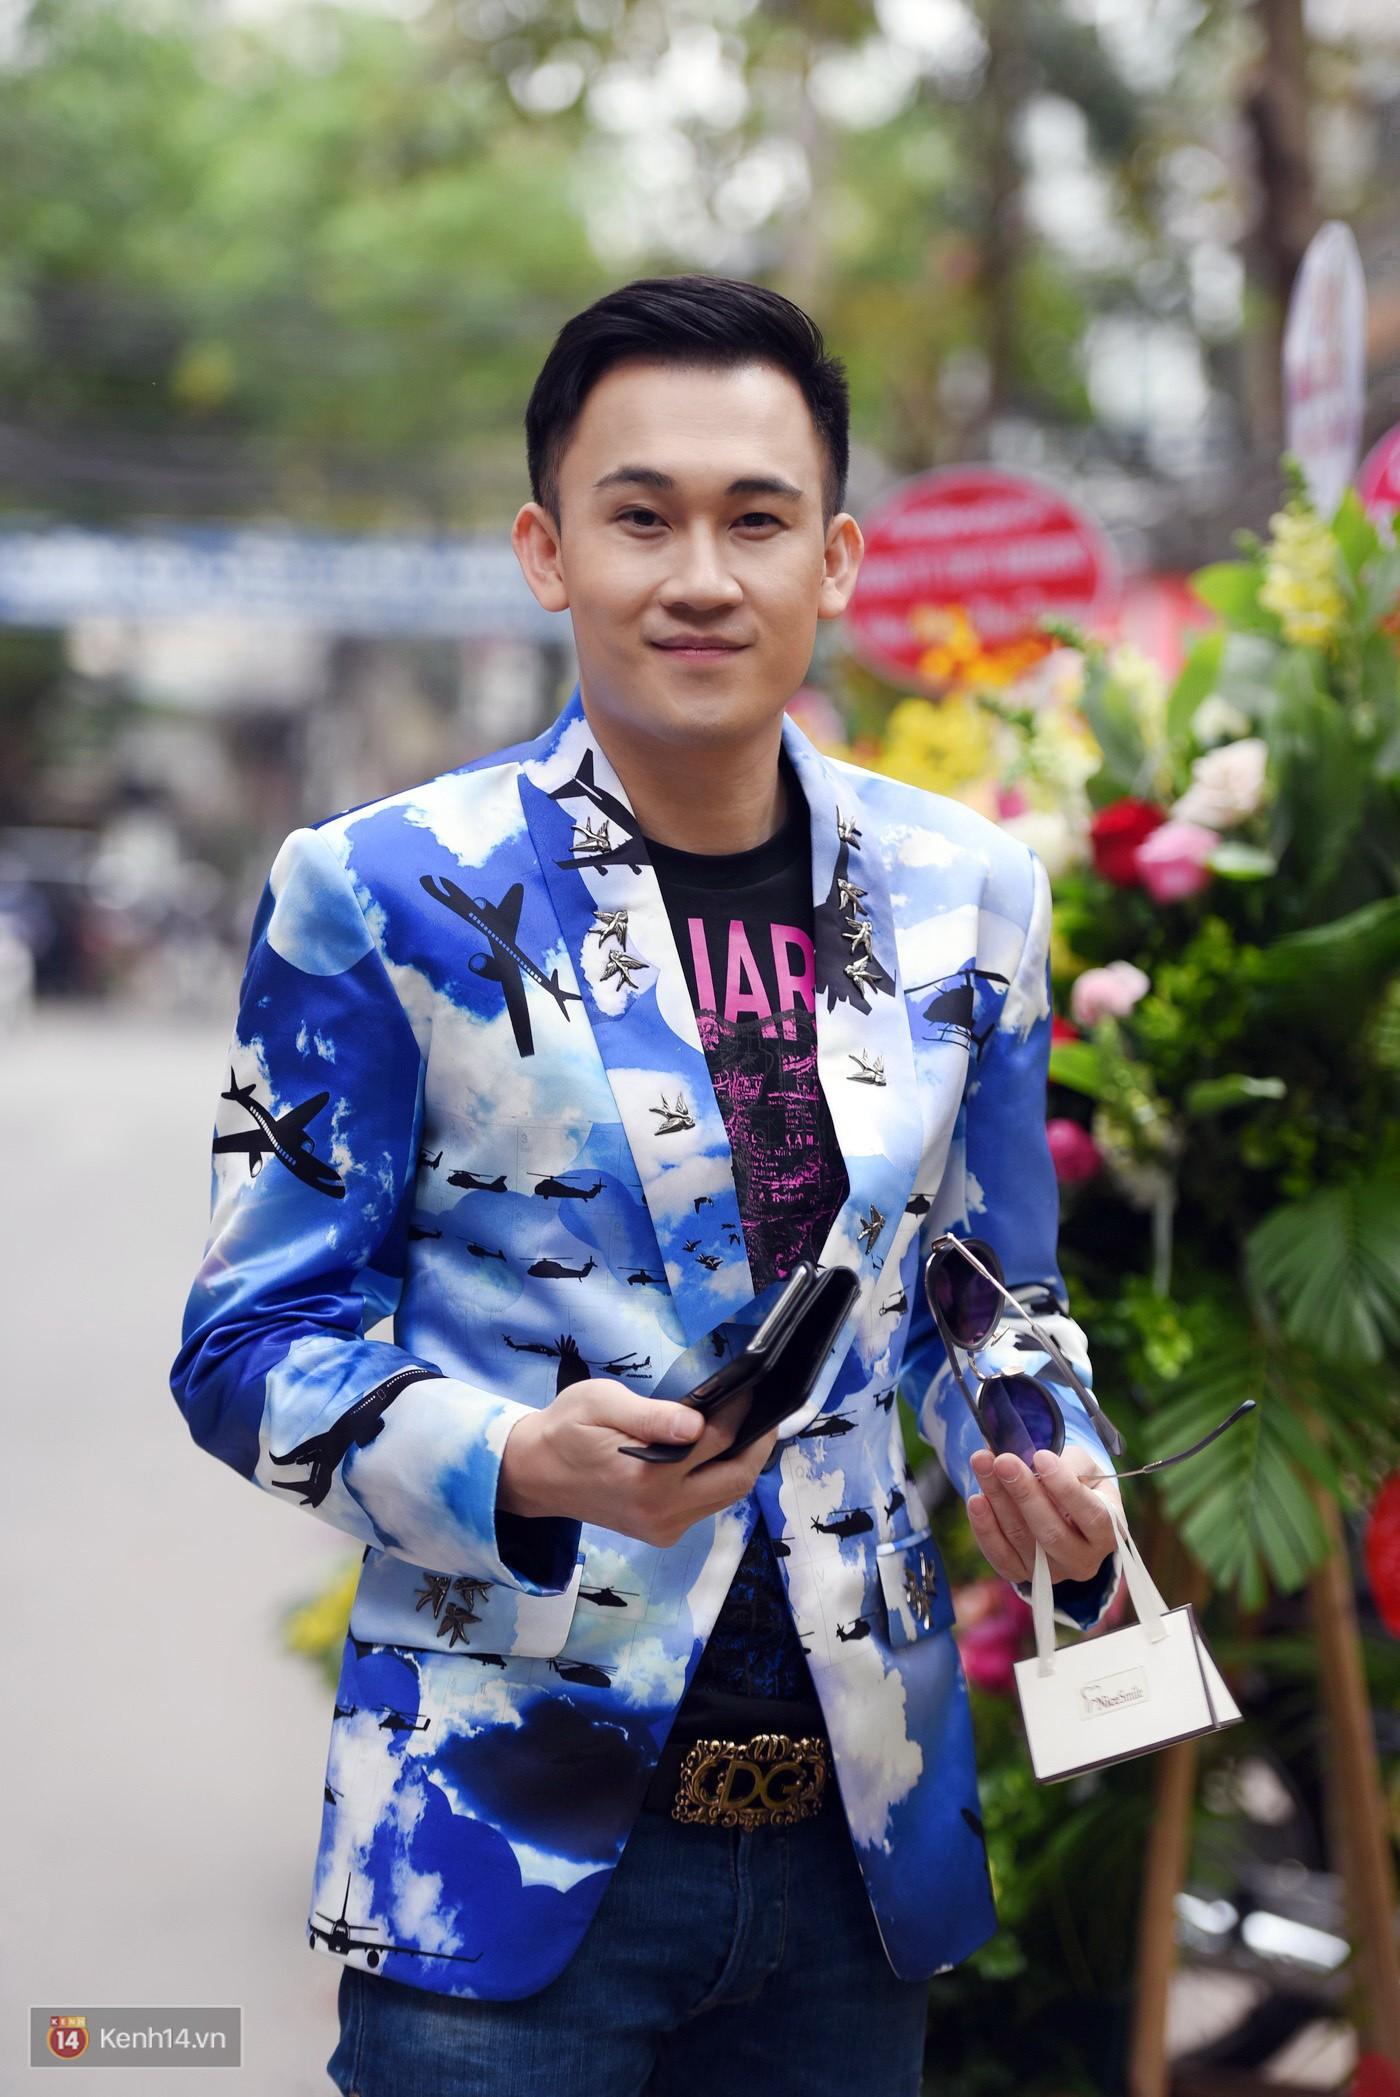 Sơn Tùng và Soobin Hoàng Sơn gây thích thú khi xuất hiện như anh em sinh đôi tại sự kiện - Ảnh 8.